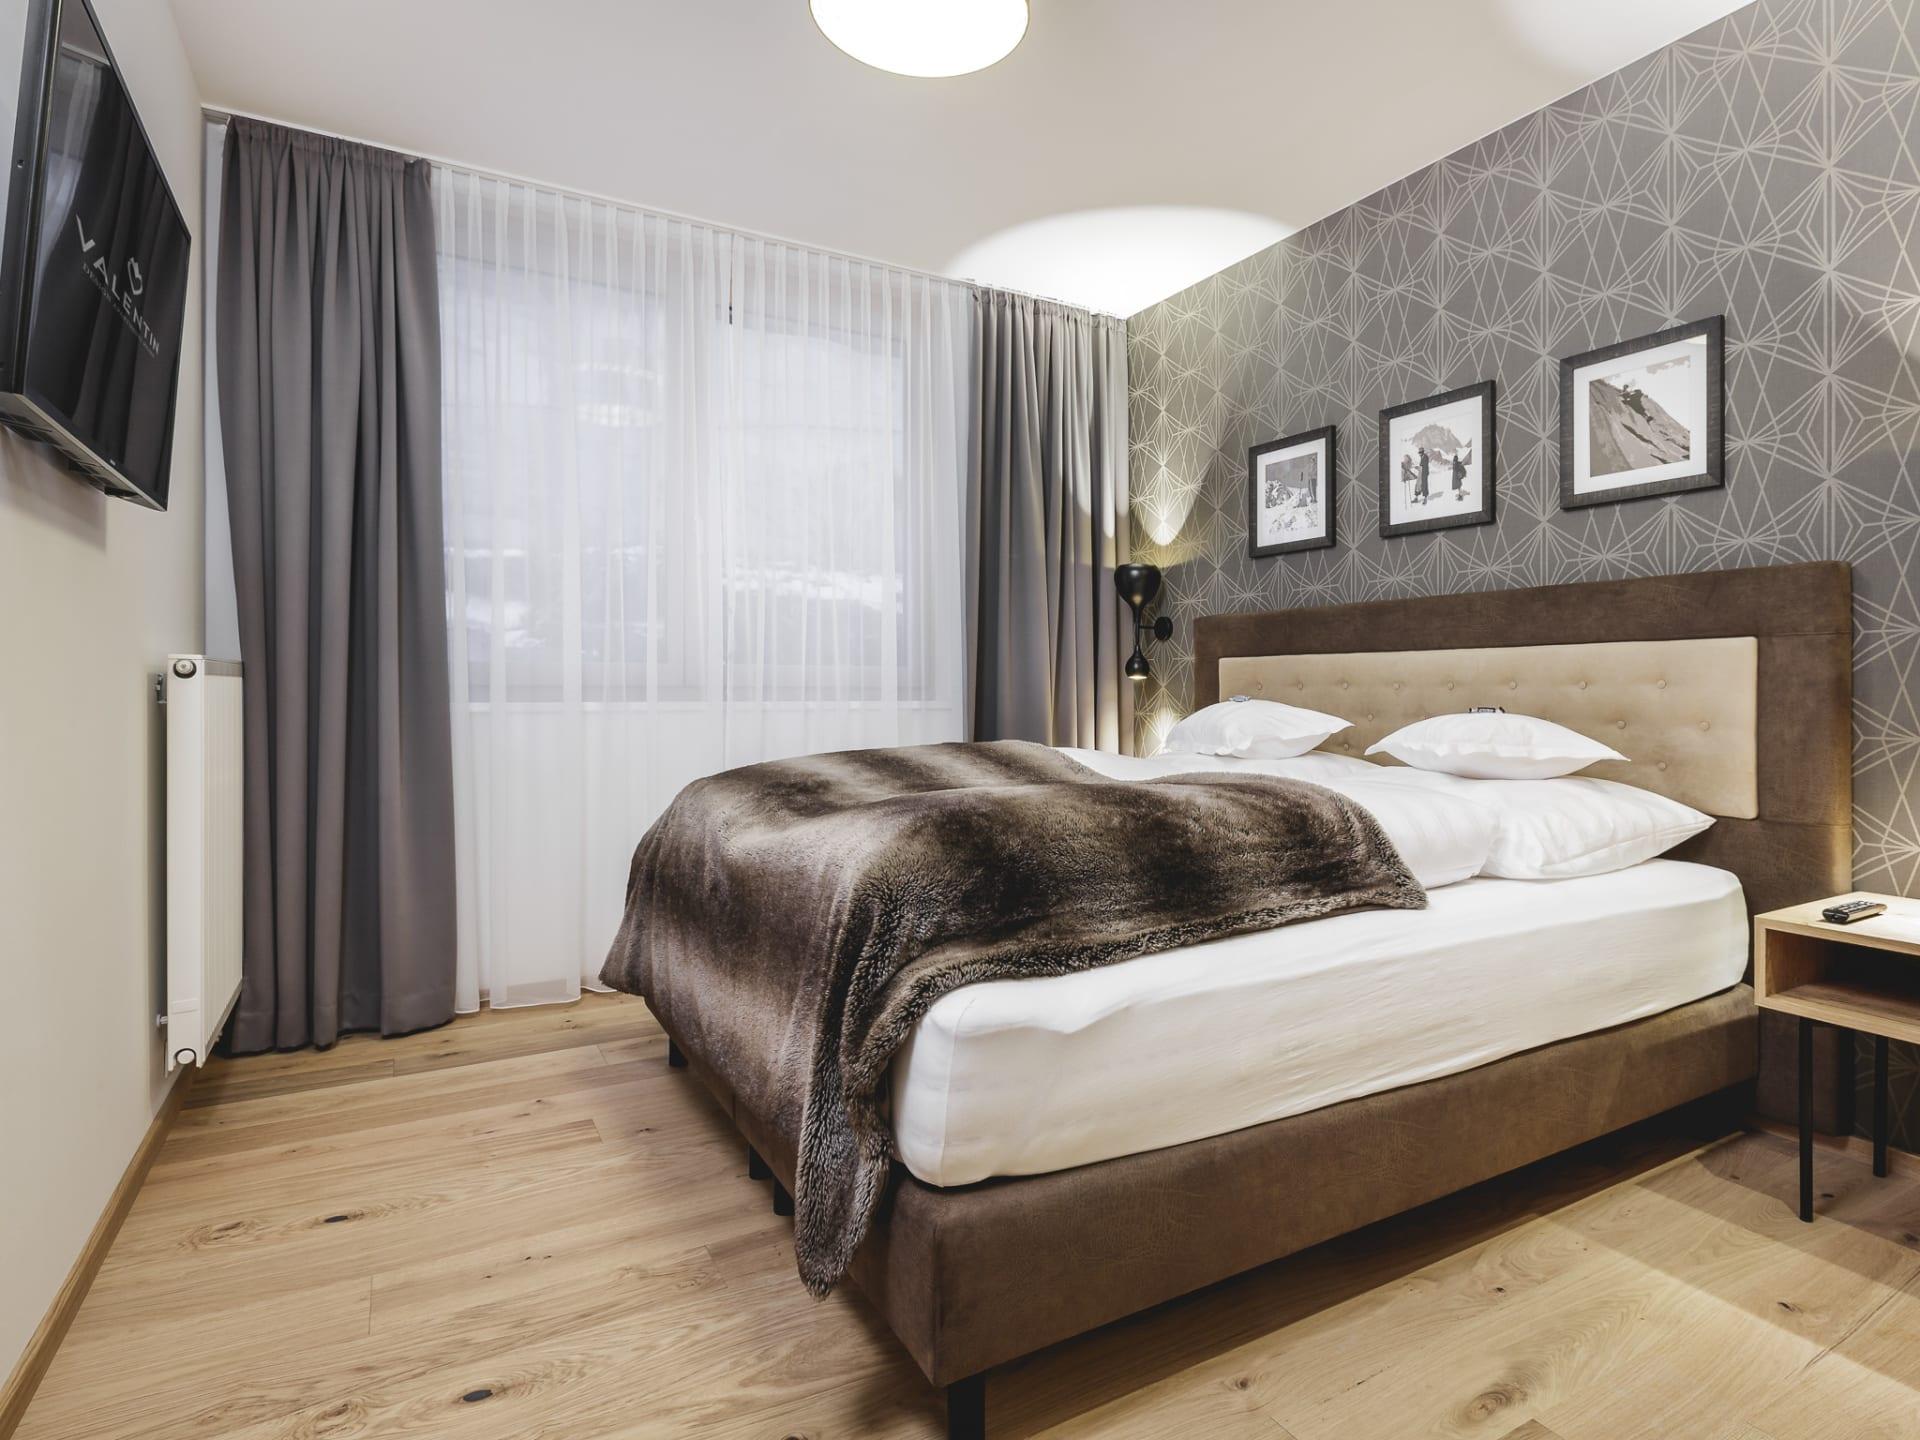 Modernes Apartment Mit Circa 67,0m², Bestehend Aus: 2 Schlafzimmer, 2 Bäder  (1 X Badewanne, 1 X Dusche), 2 WCs, Wohnzimmer Mit Sitzeckbank Und Sofa, ...